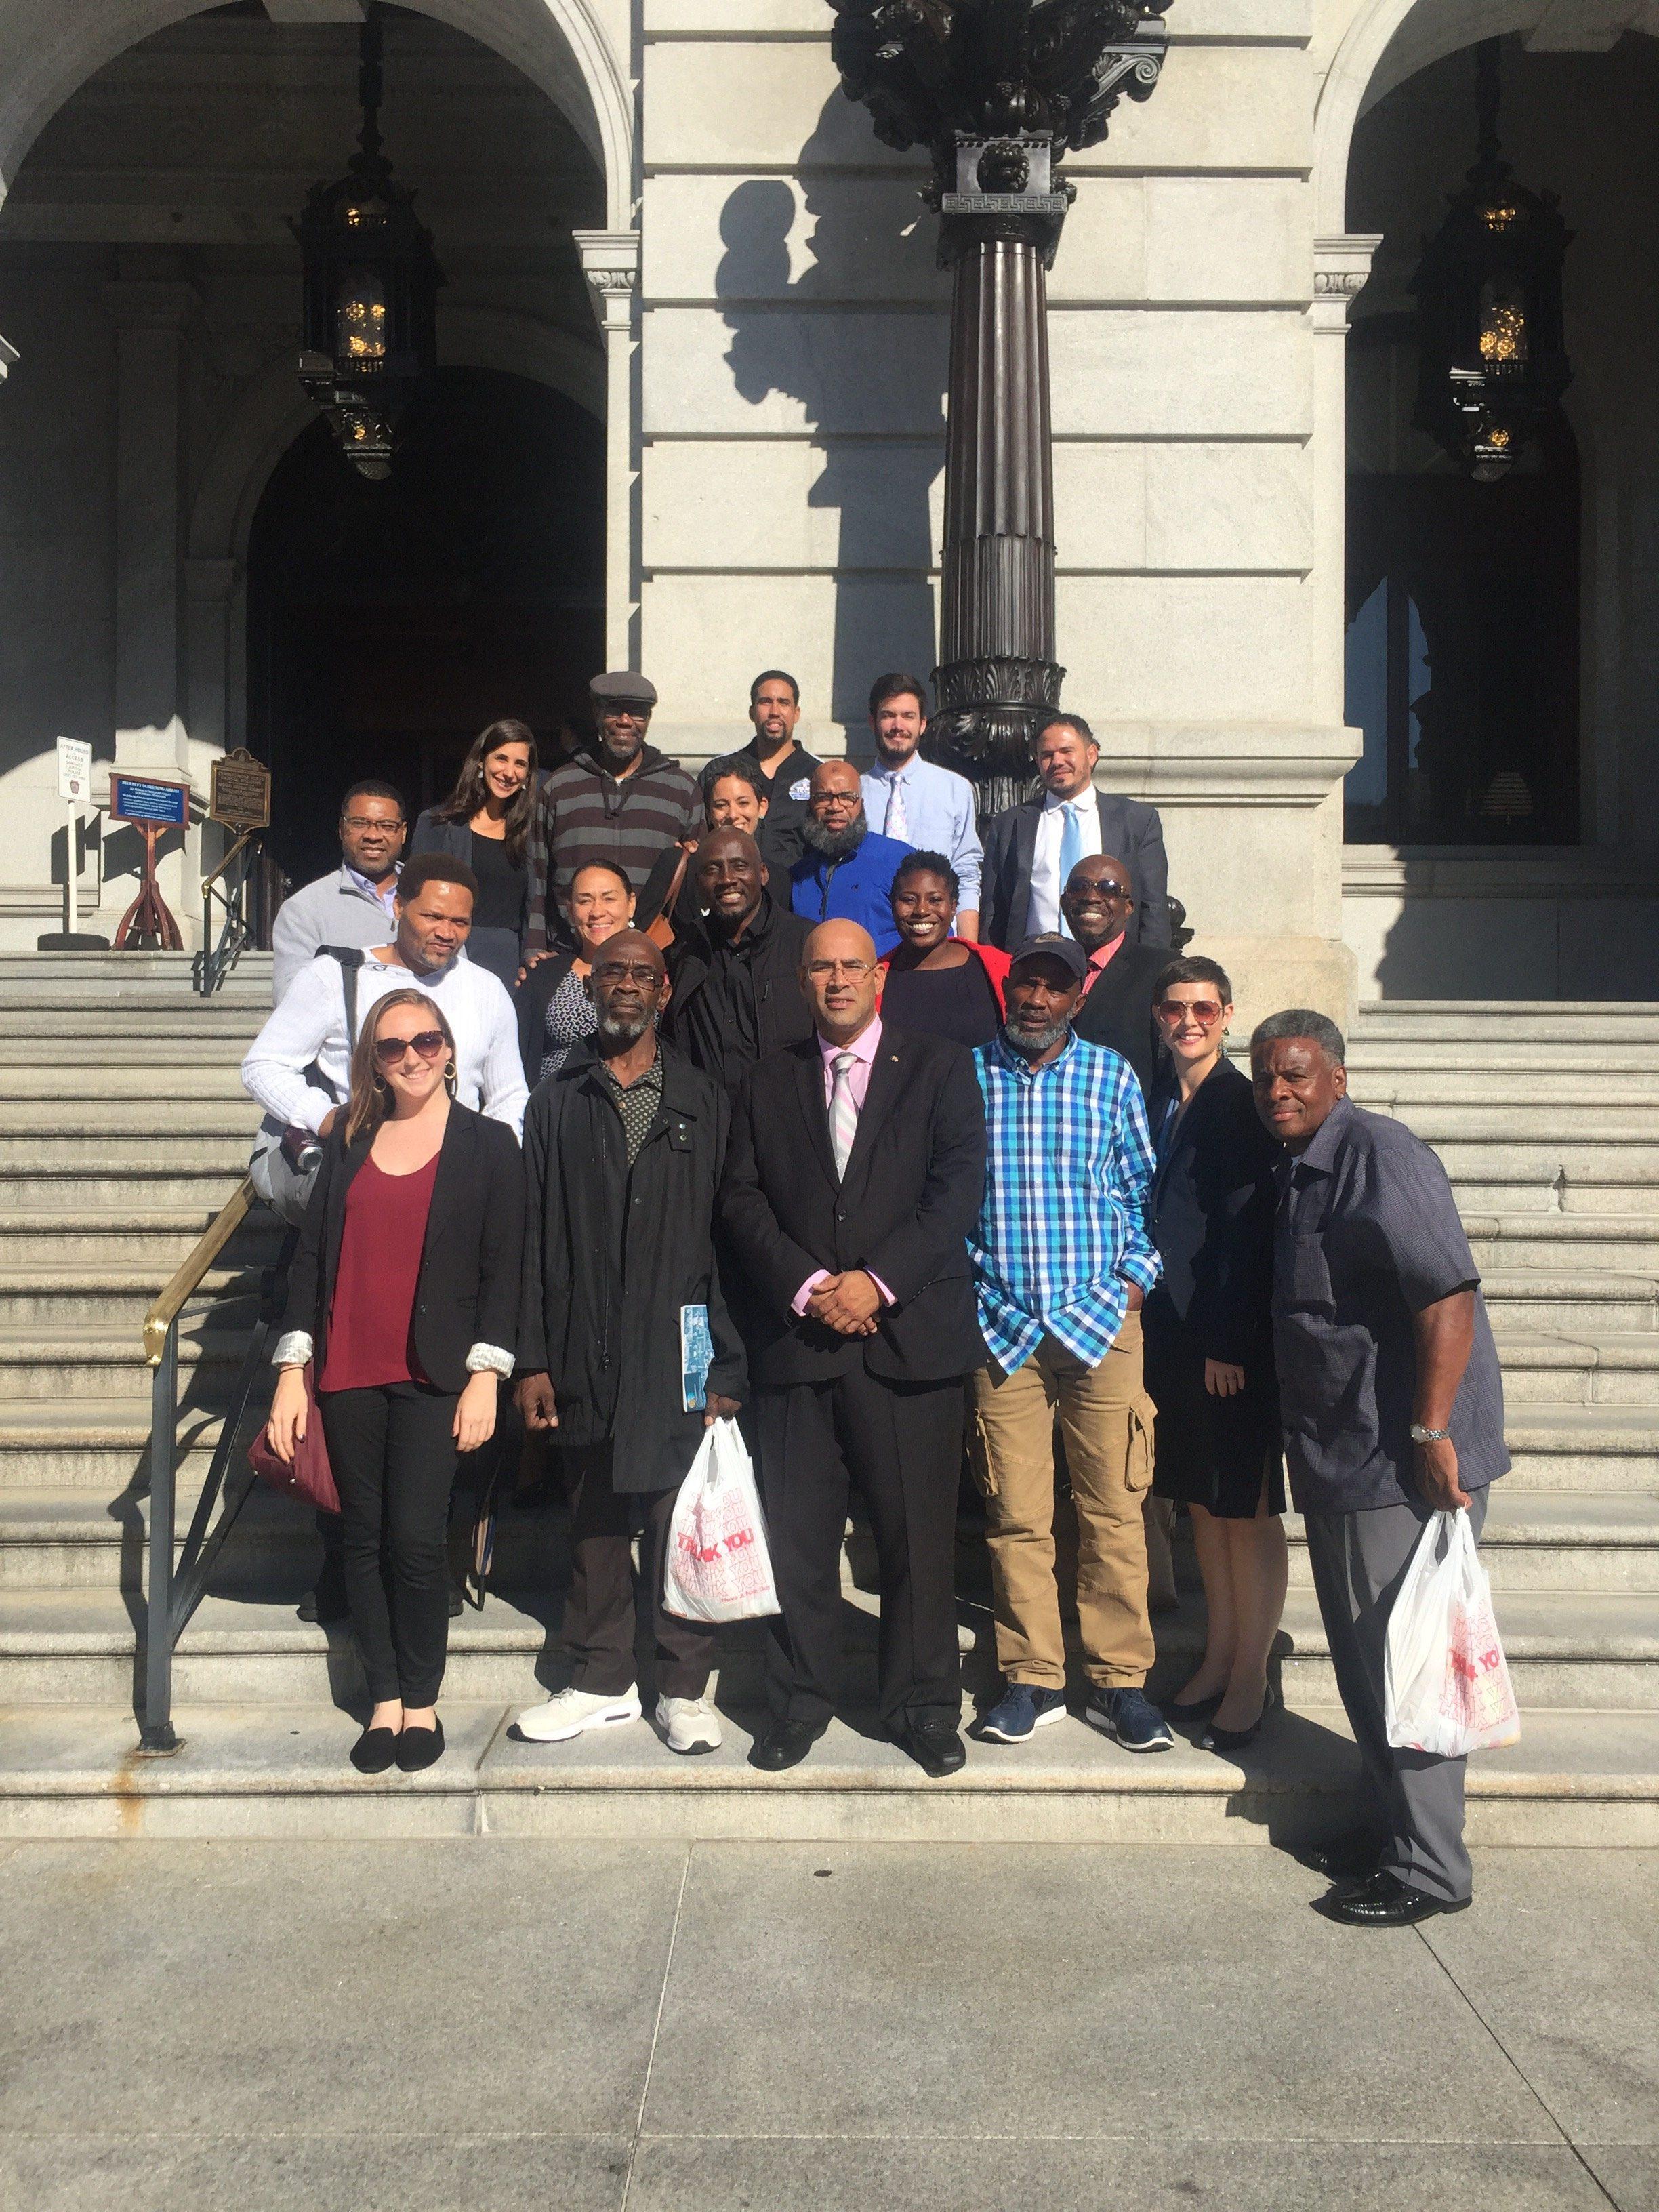 YSRP Participates in PA Legislative Black Caucus Hearing at